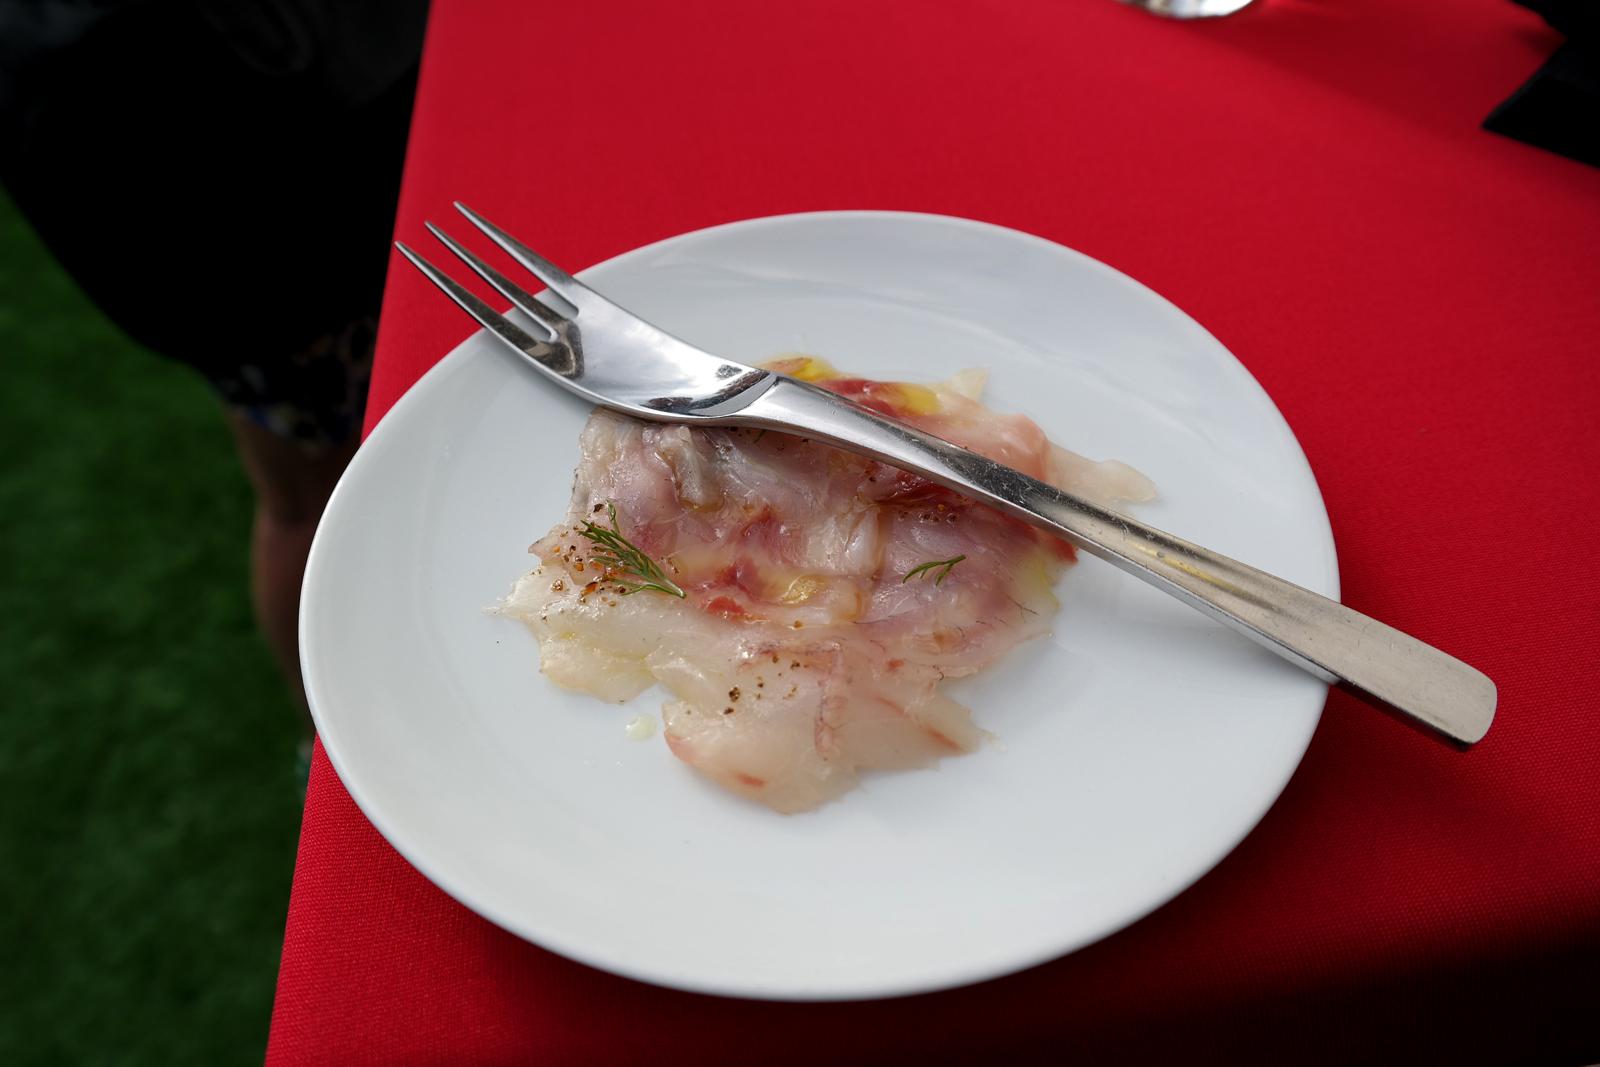 Carpaccio-de-bar-assaisonné-au-sel-de-caviar-carte-restaurant-Le-W-chef-Ludovic-Bonneville-Hôtel-Warwick-Champs-Elysées-rue-de-berri-photo-by-united-states-of-paris-blog